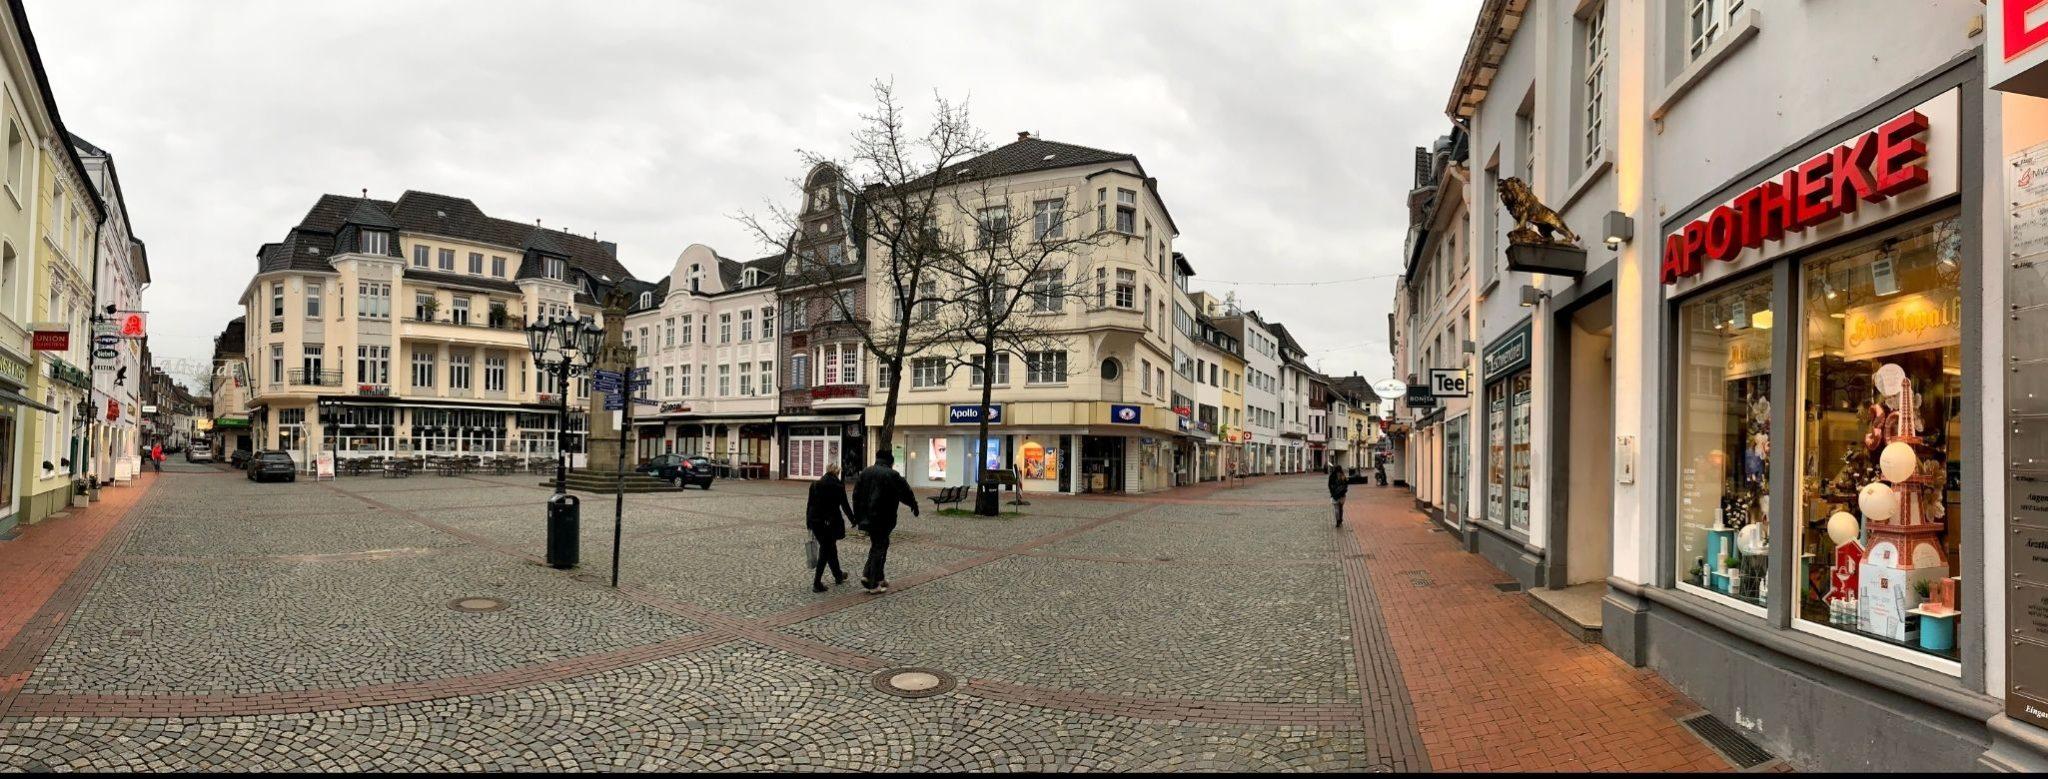 Moerser Innenstadt müsste generell stärker belebt werden